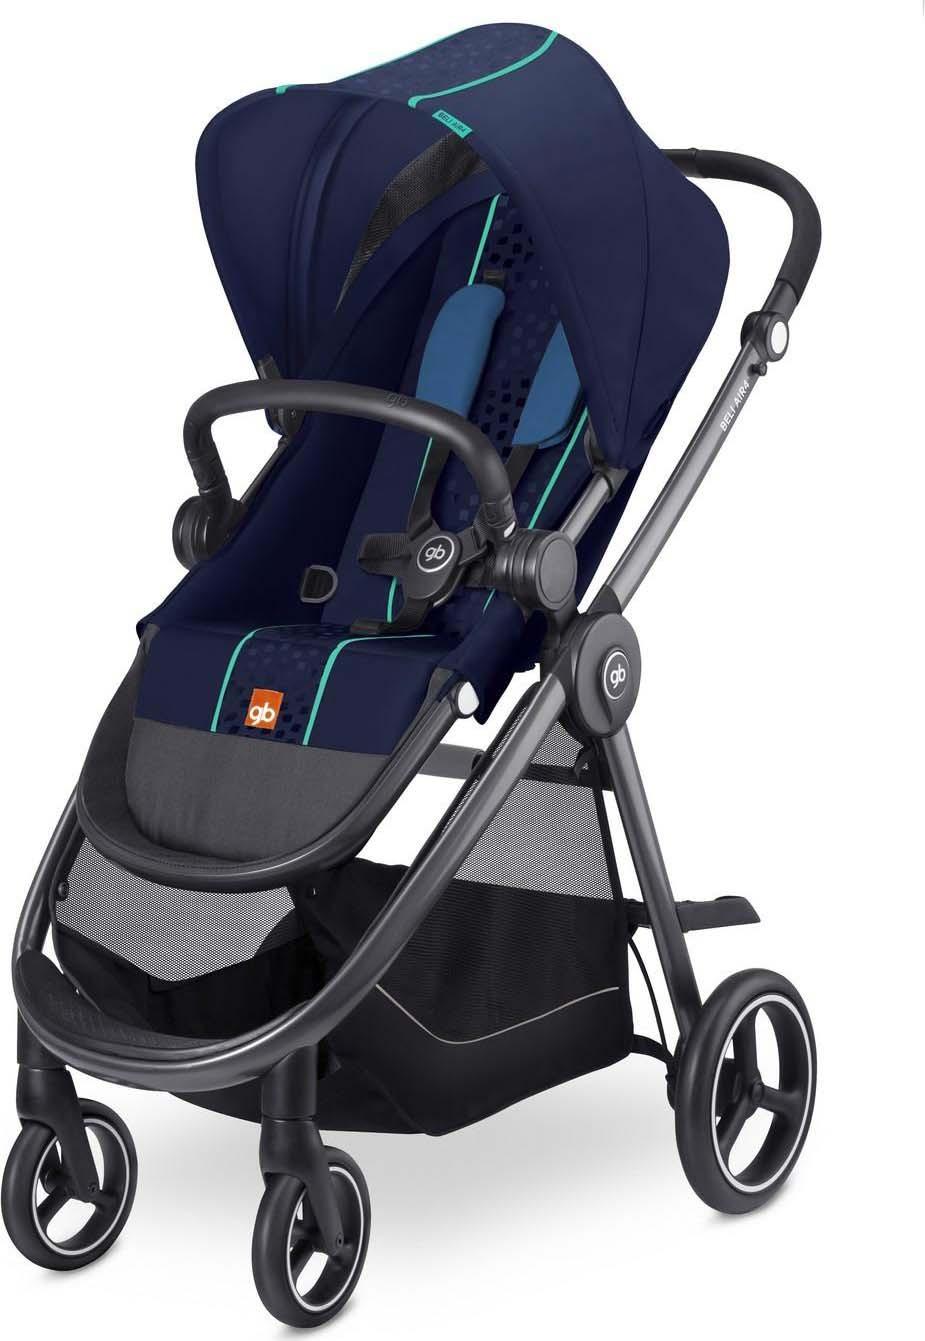 Коляска прогулочная GB Beli Air 4, цвет: синий коляска прогулочная gb beli air 4 dragonfire red